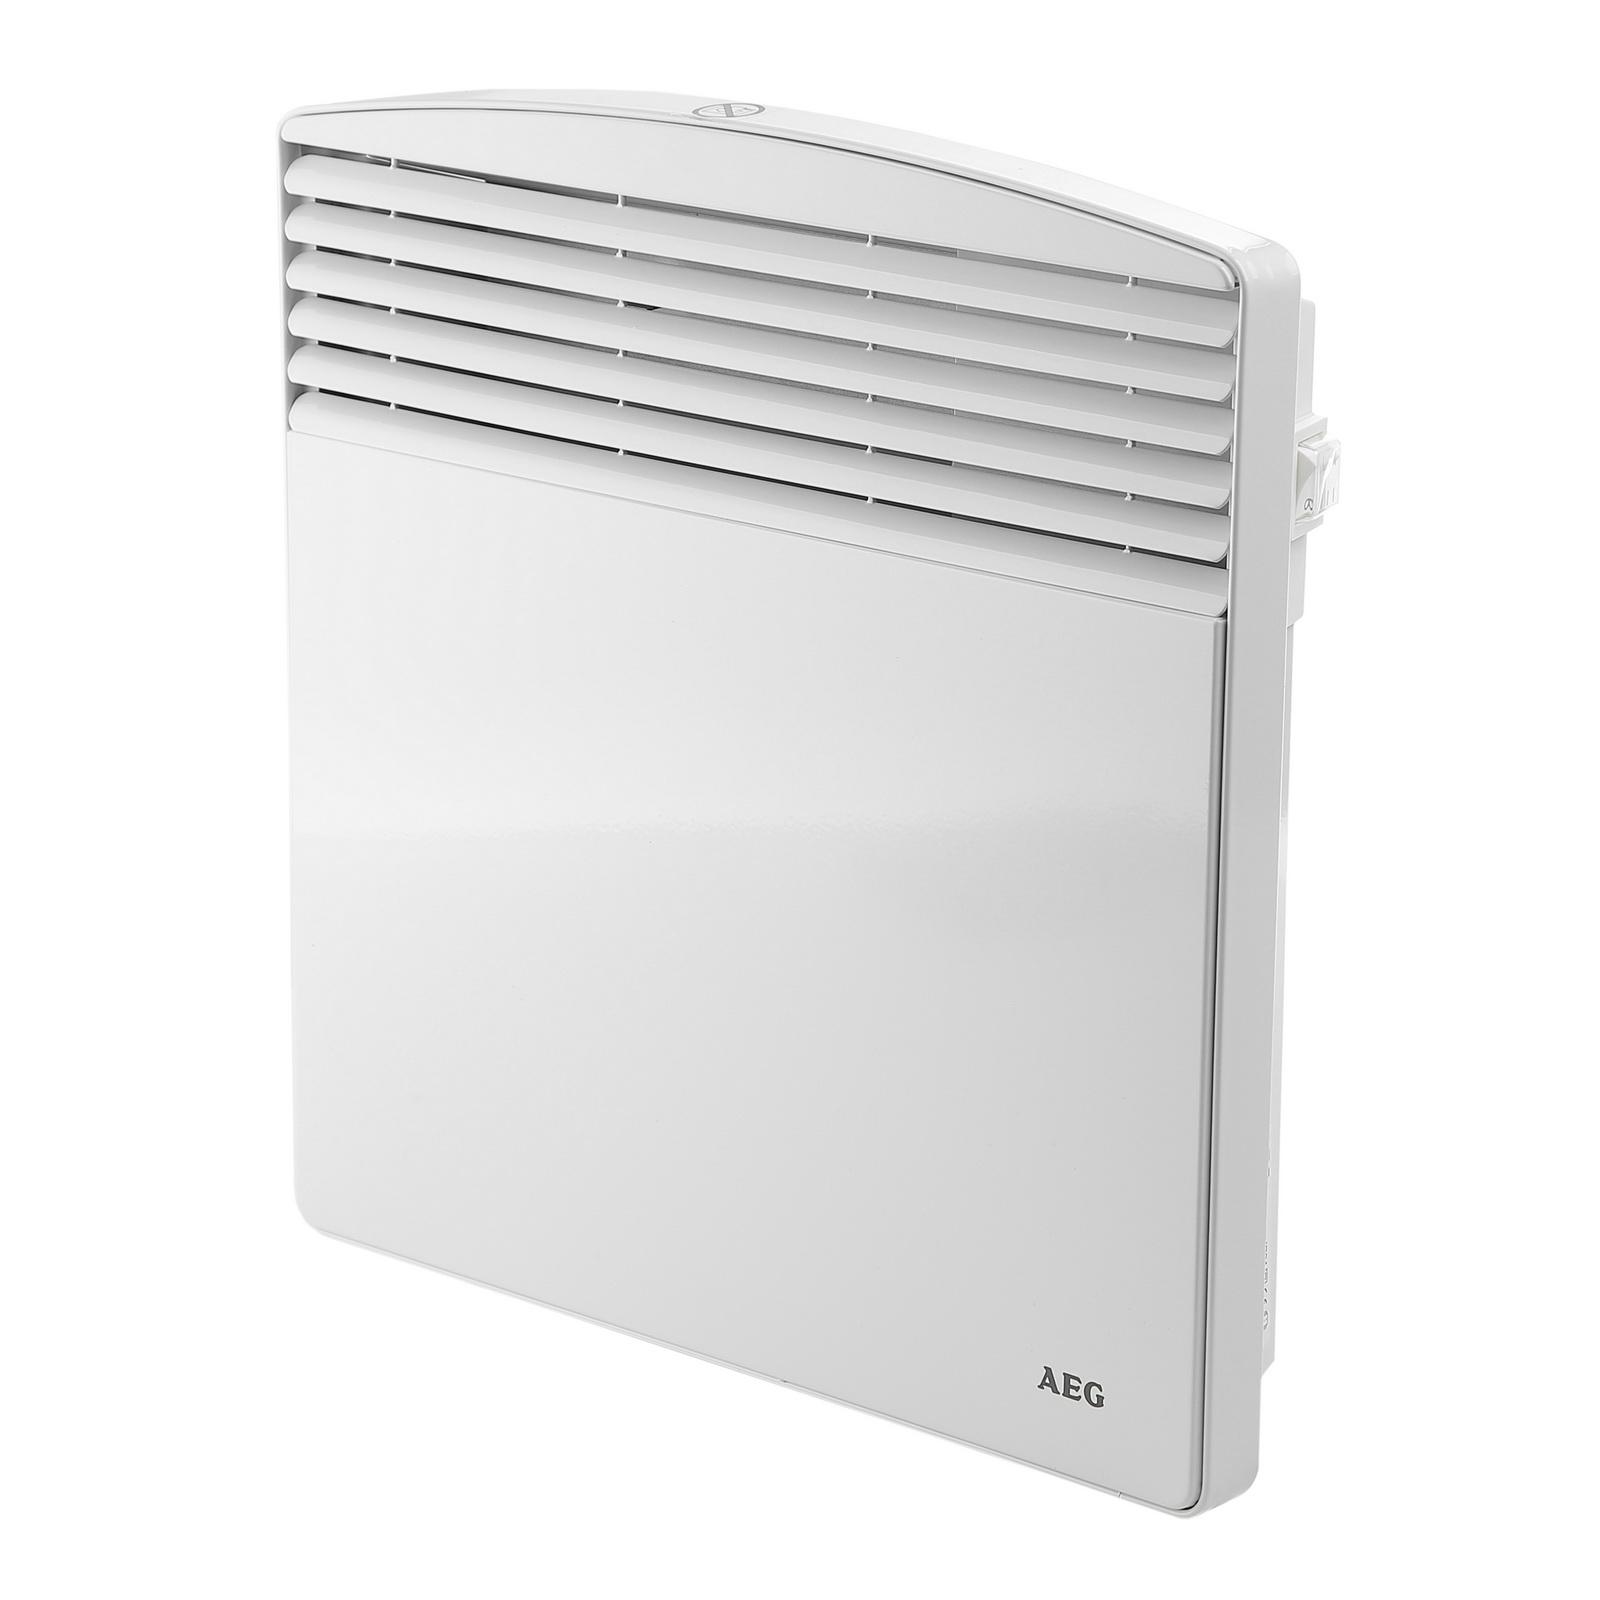 Конвектор Aeg Wkl 1003 s вентилятор напольный aeg vl 5569 s lb 80 вт